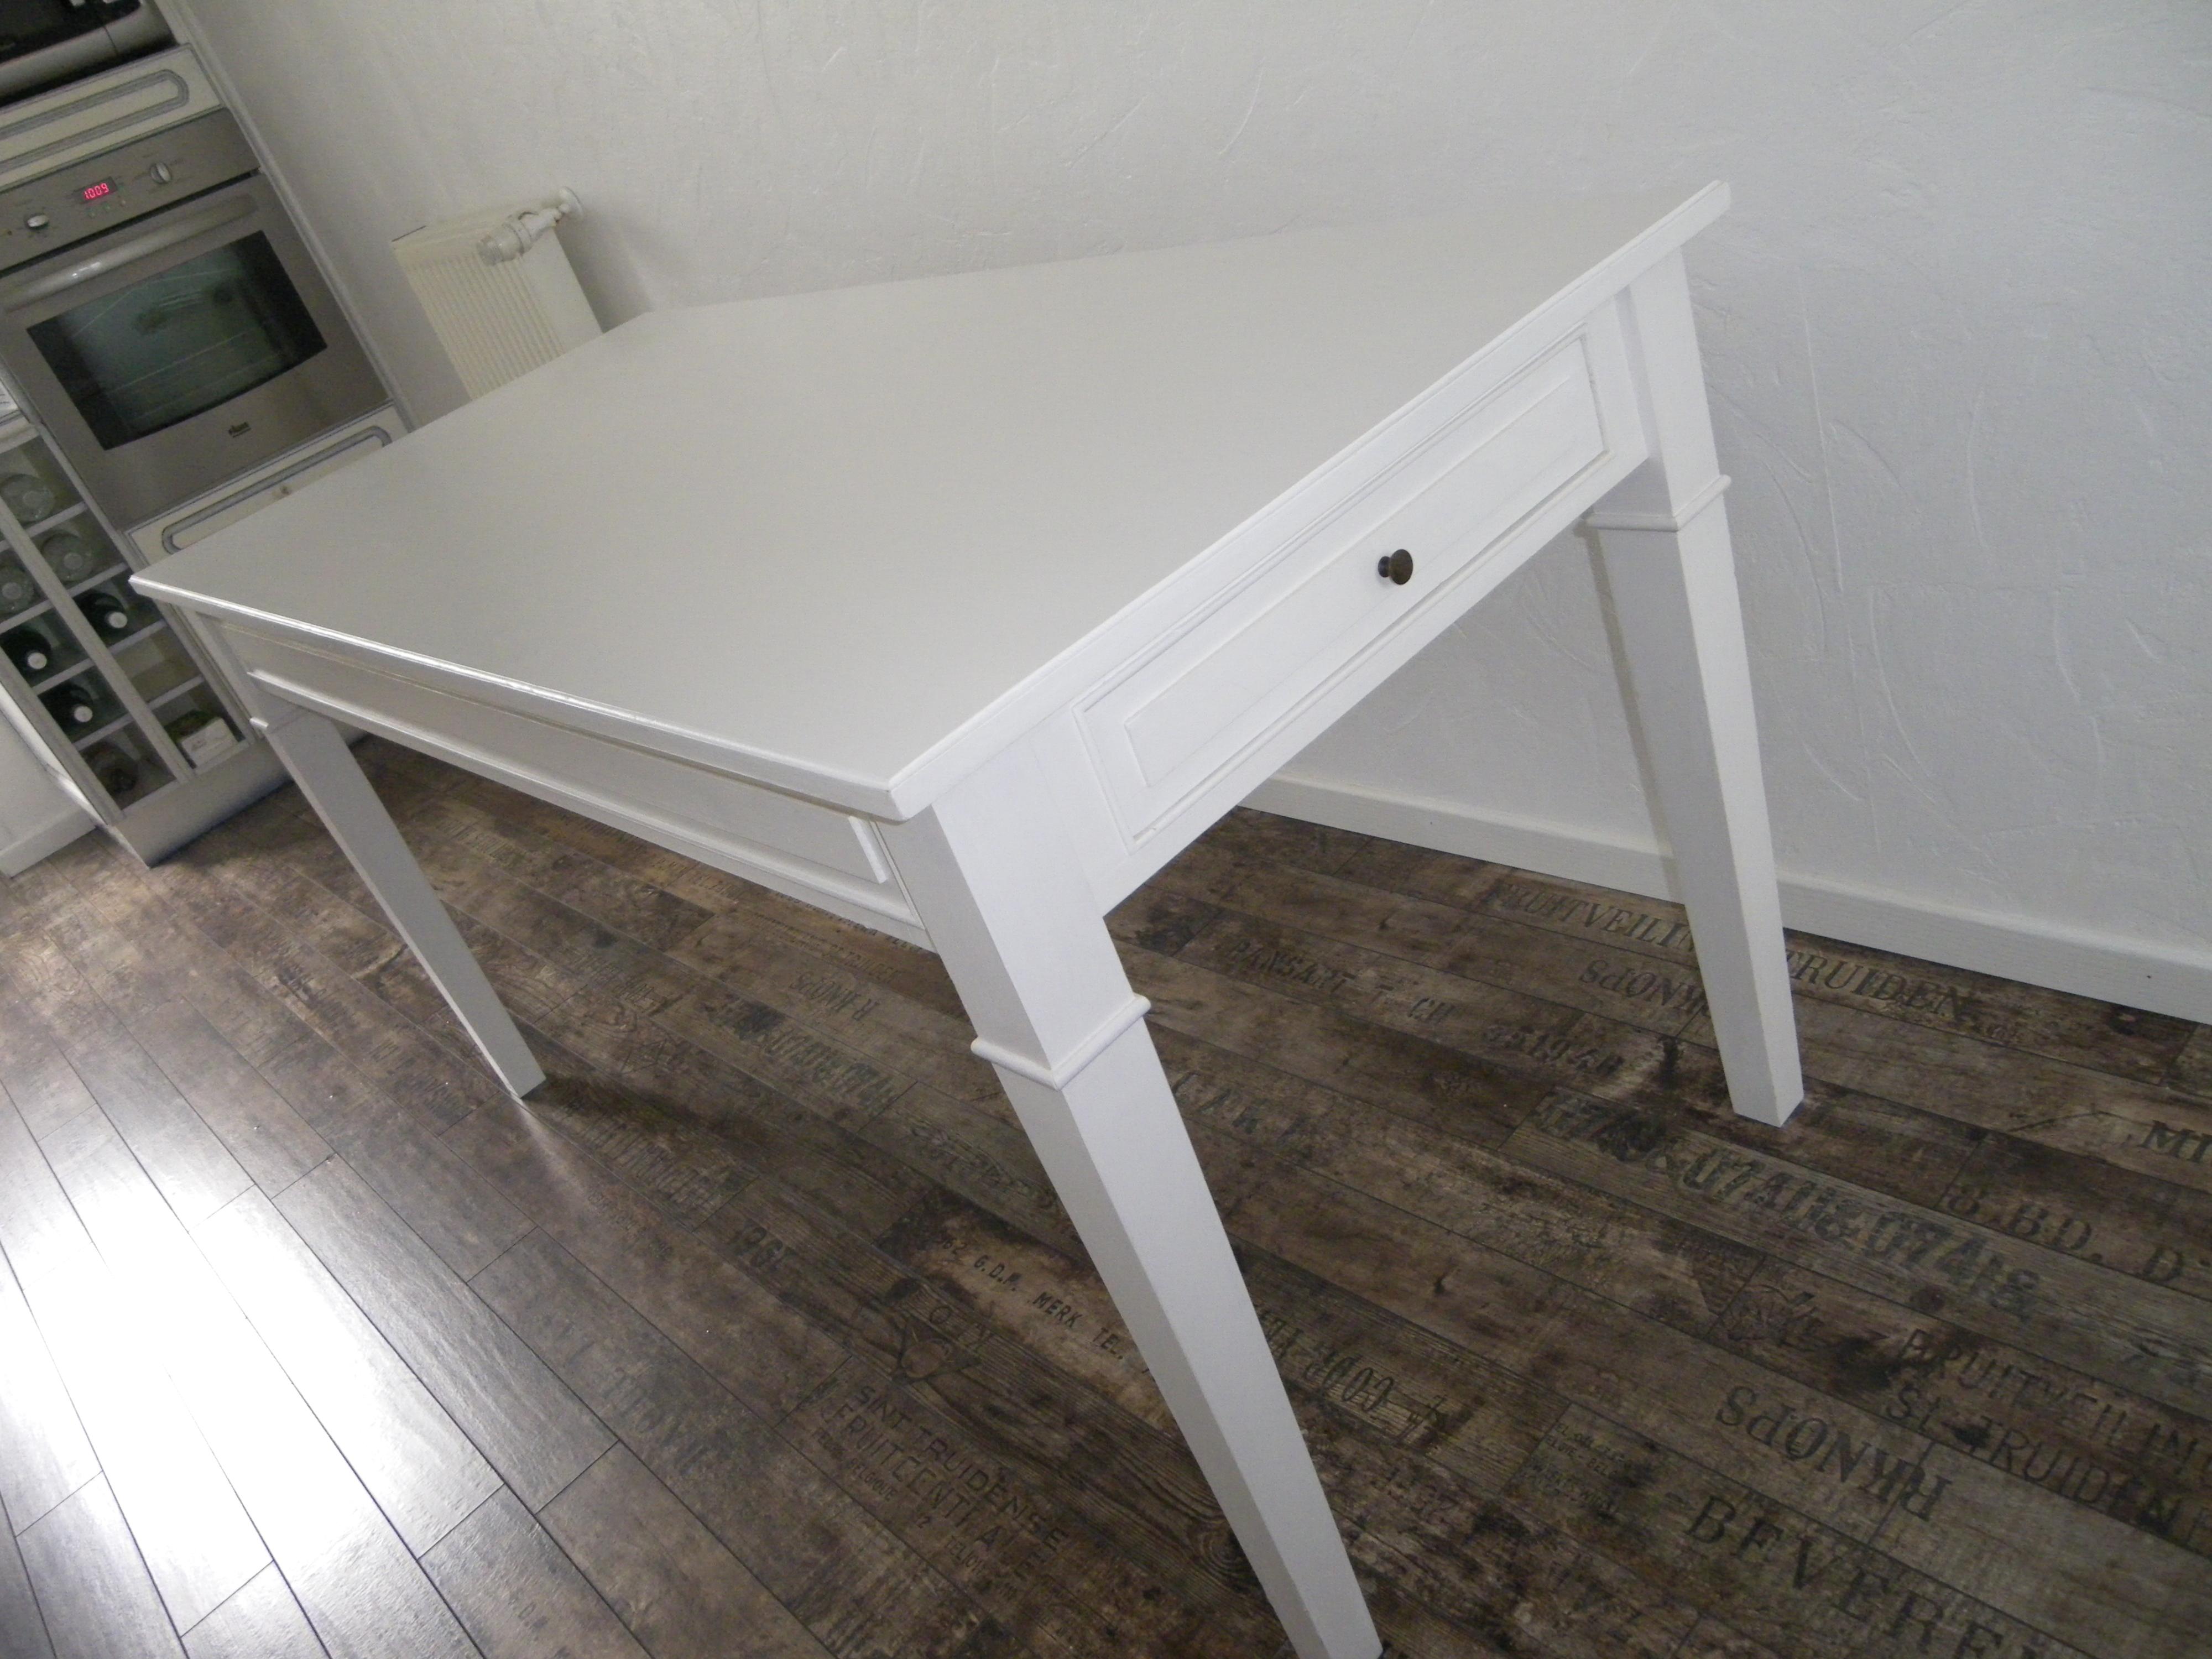 Table de cuisine salle manger peinte blanche anjoudeco for Table de salle a manger blanche